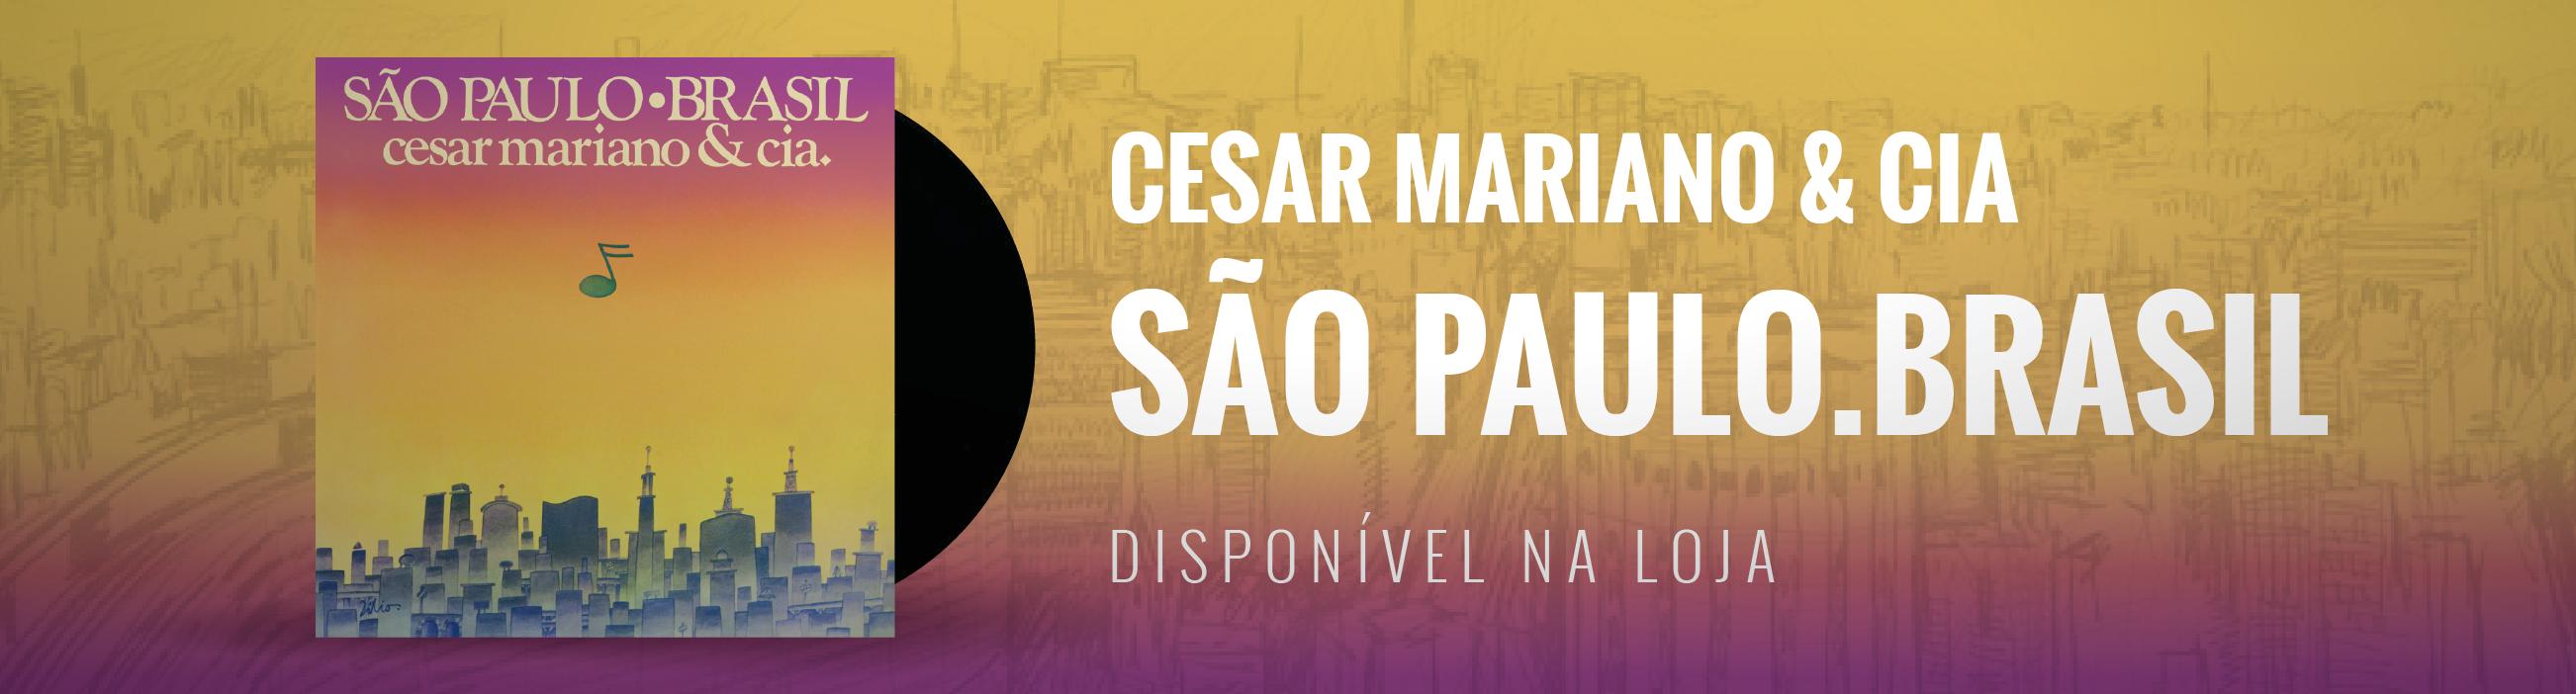 Lps - Cesar Mariano & Cia São Paulo: Brasil